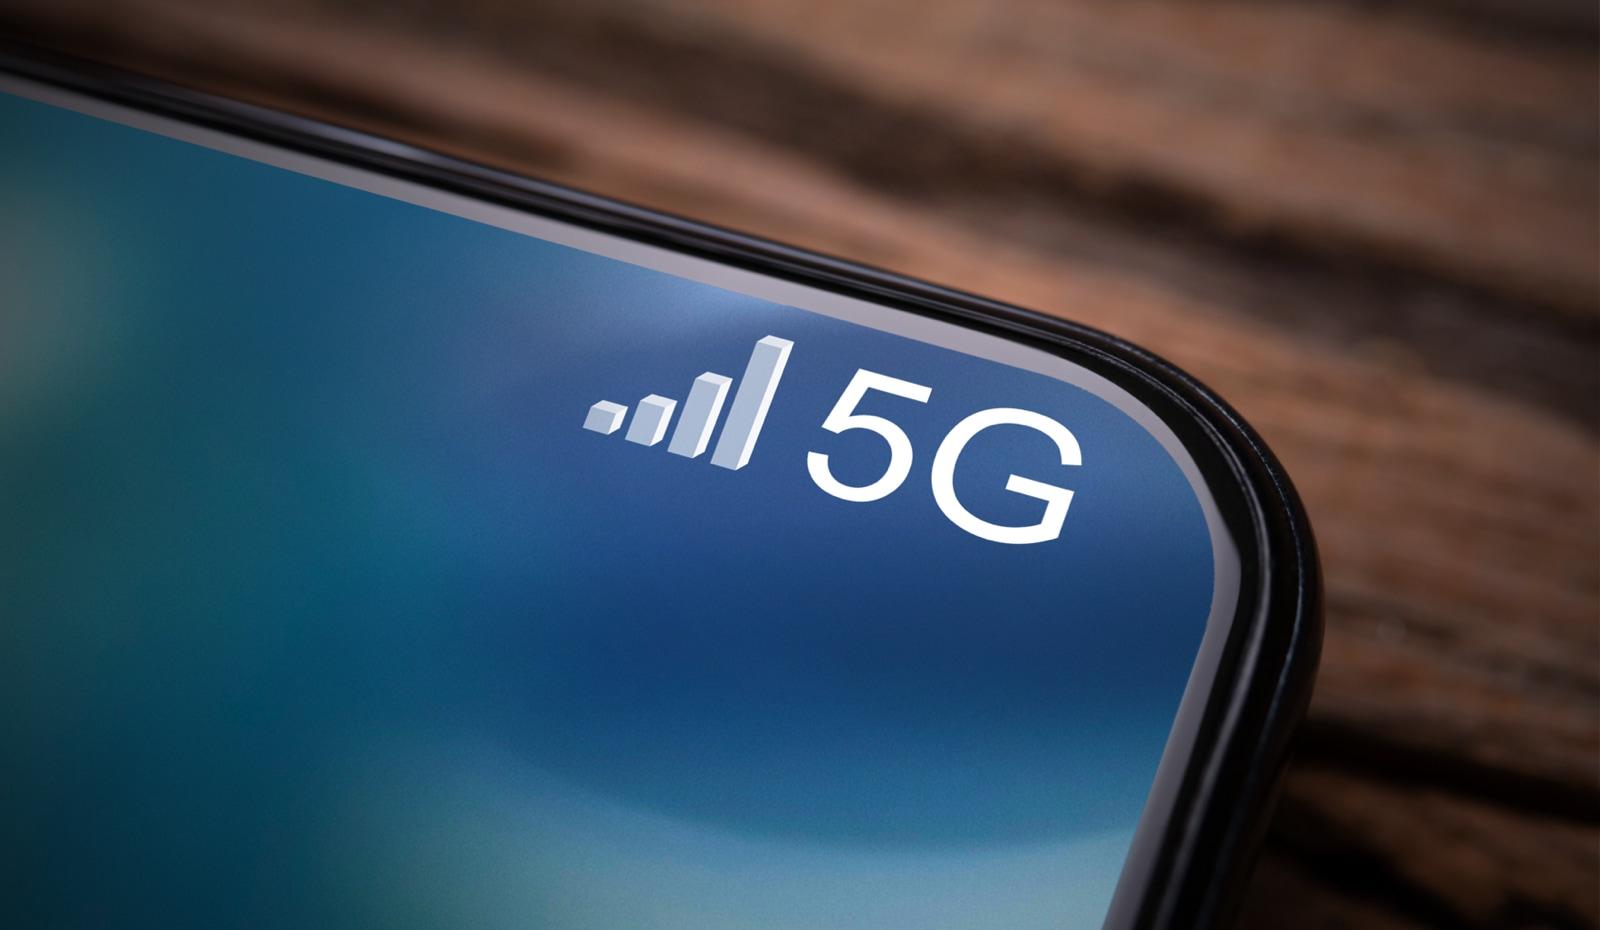 VOIP con redes 5G: ¿el futuro?